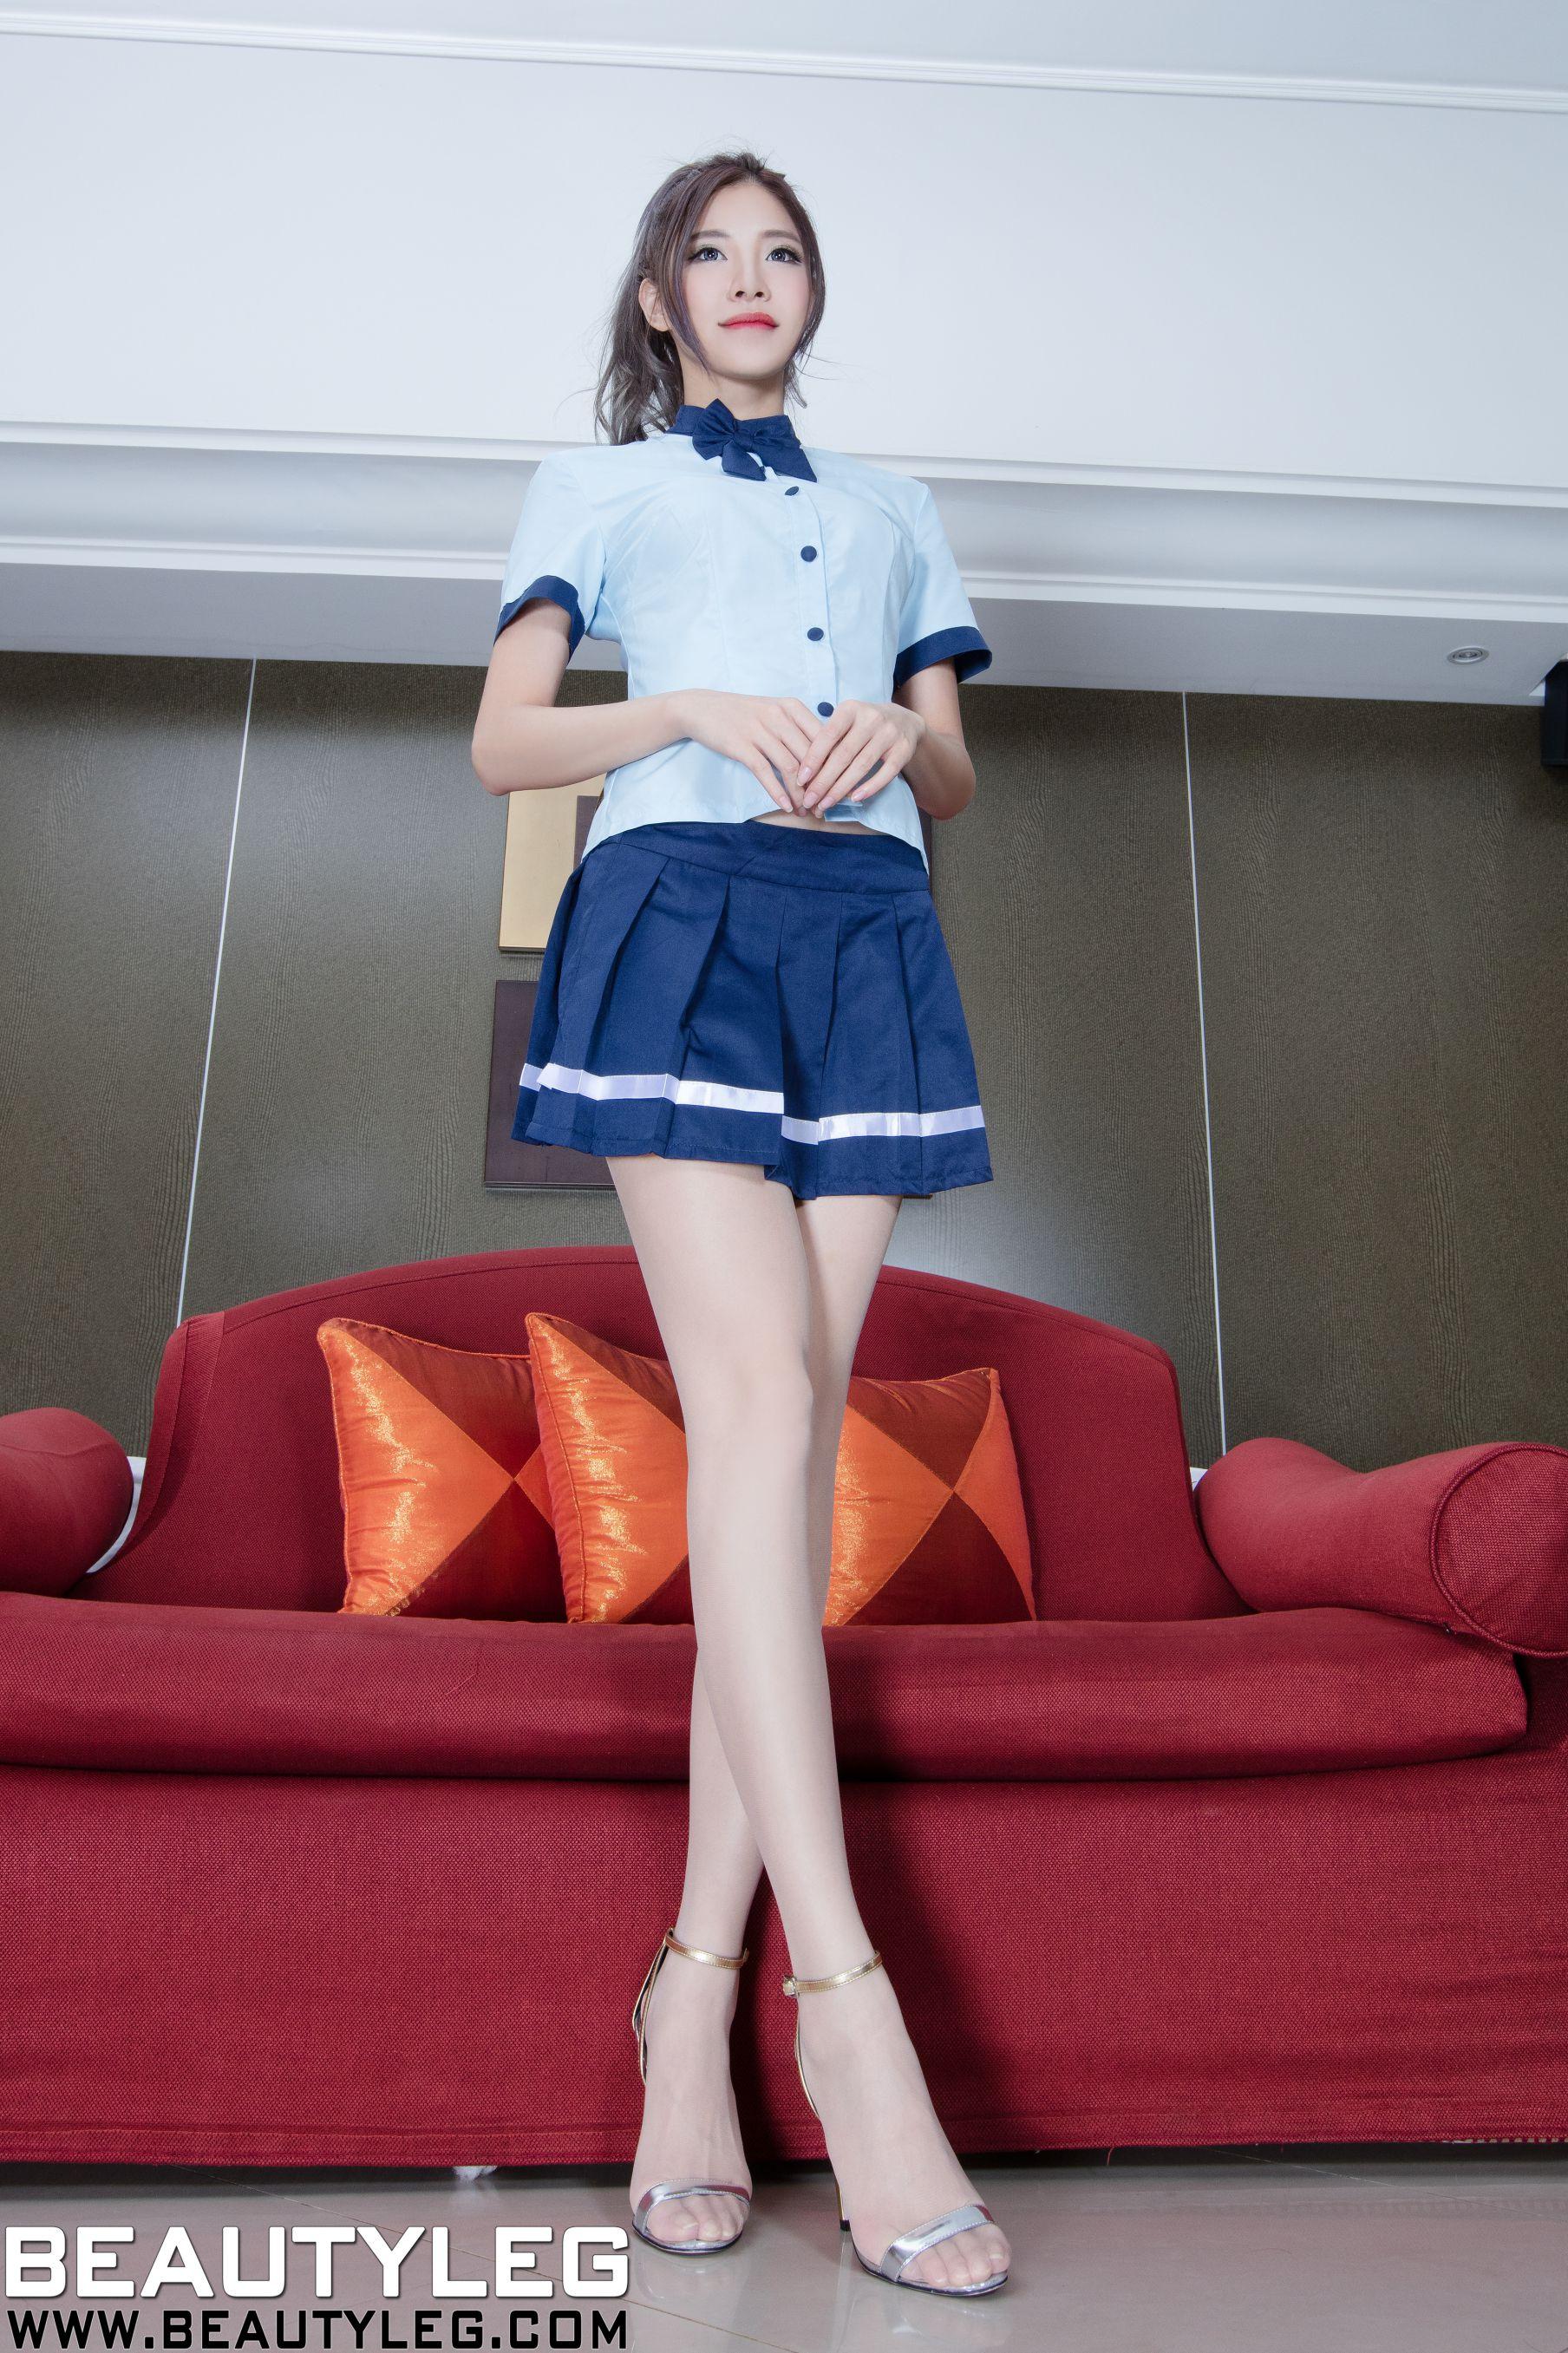 VOL.1476 [Beautyleg]美腿吊带丝袜:陈玉雪(腿模Abby)高品质写真套图(39P)